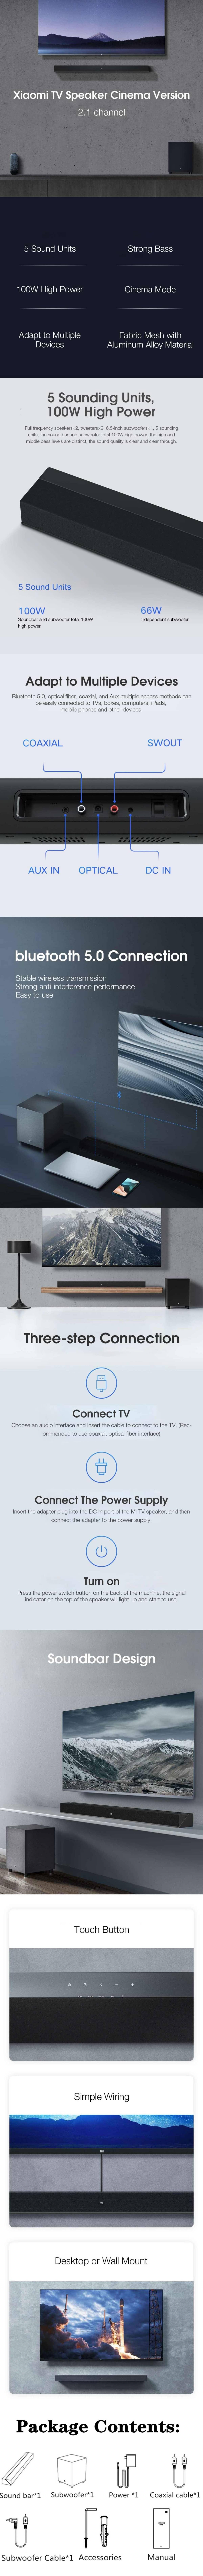 Xiaomi-Mi-Soundbar-2.1-Cinema-Version5c958fe01333fee7.jpg